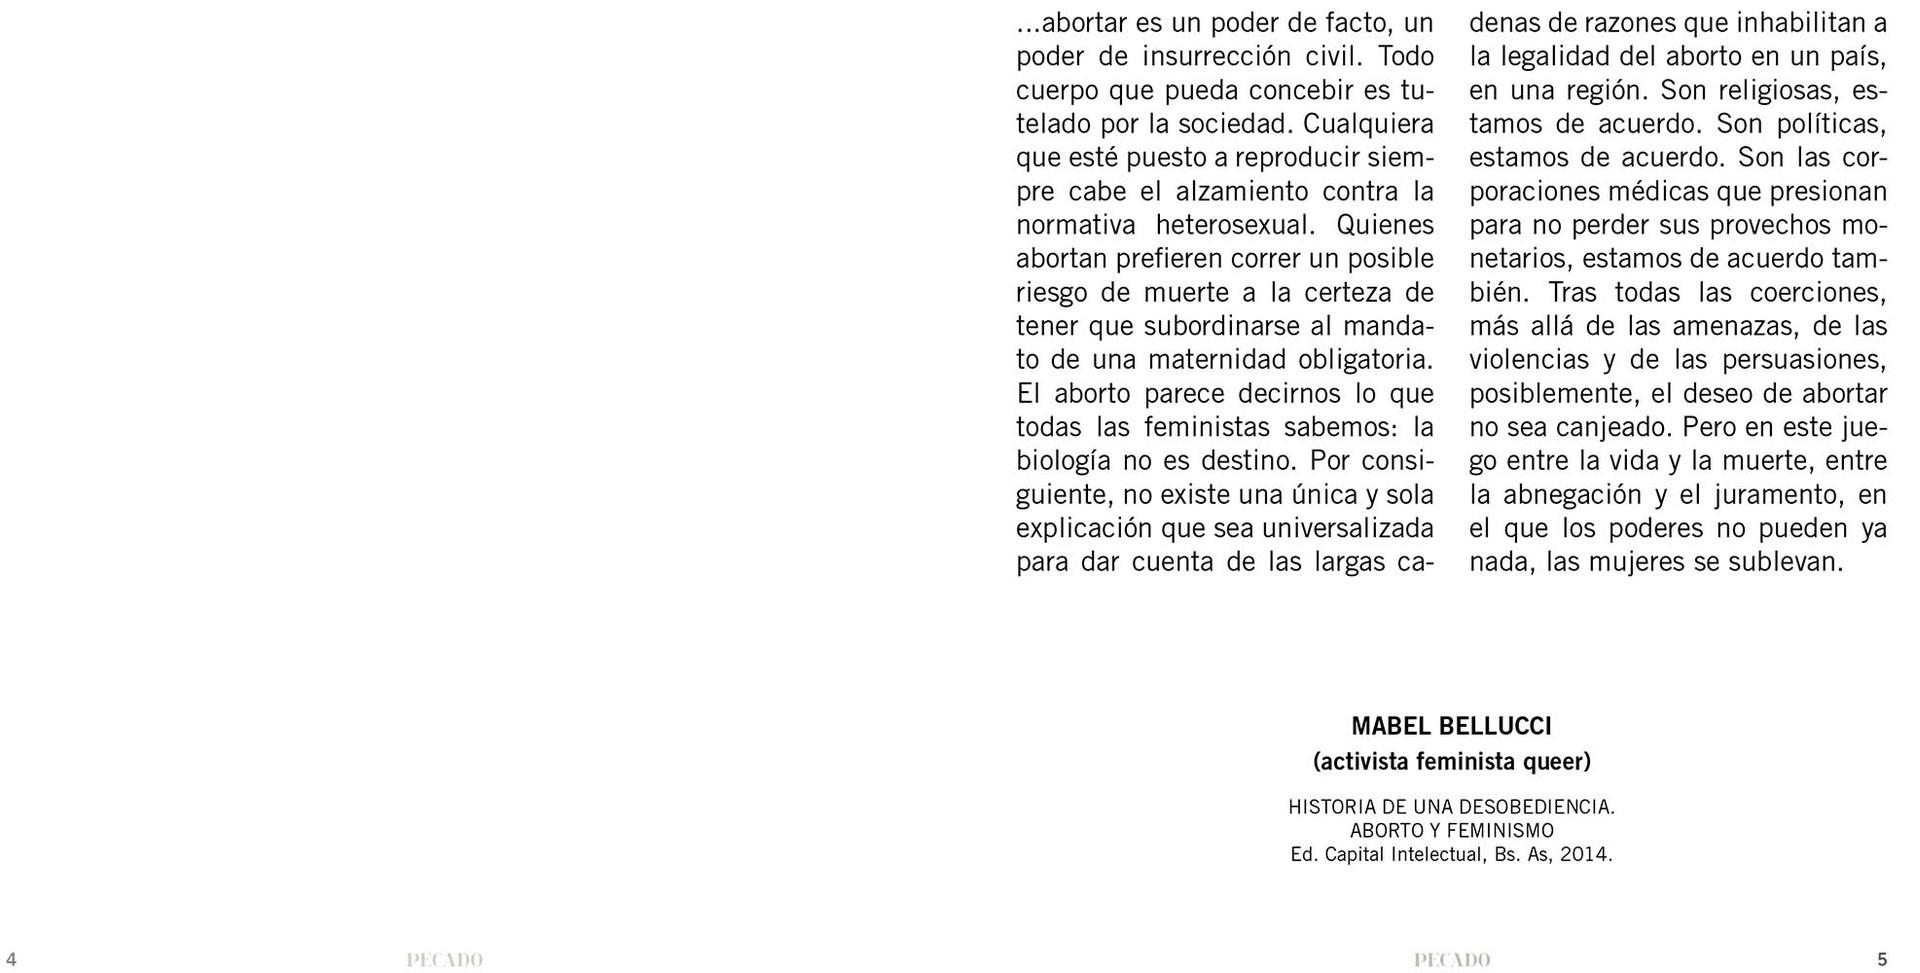 especialABORTO-3.jpg